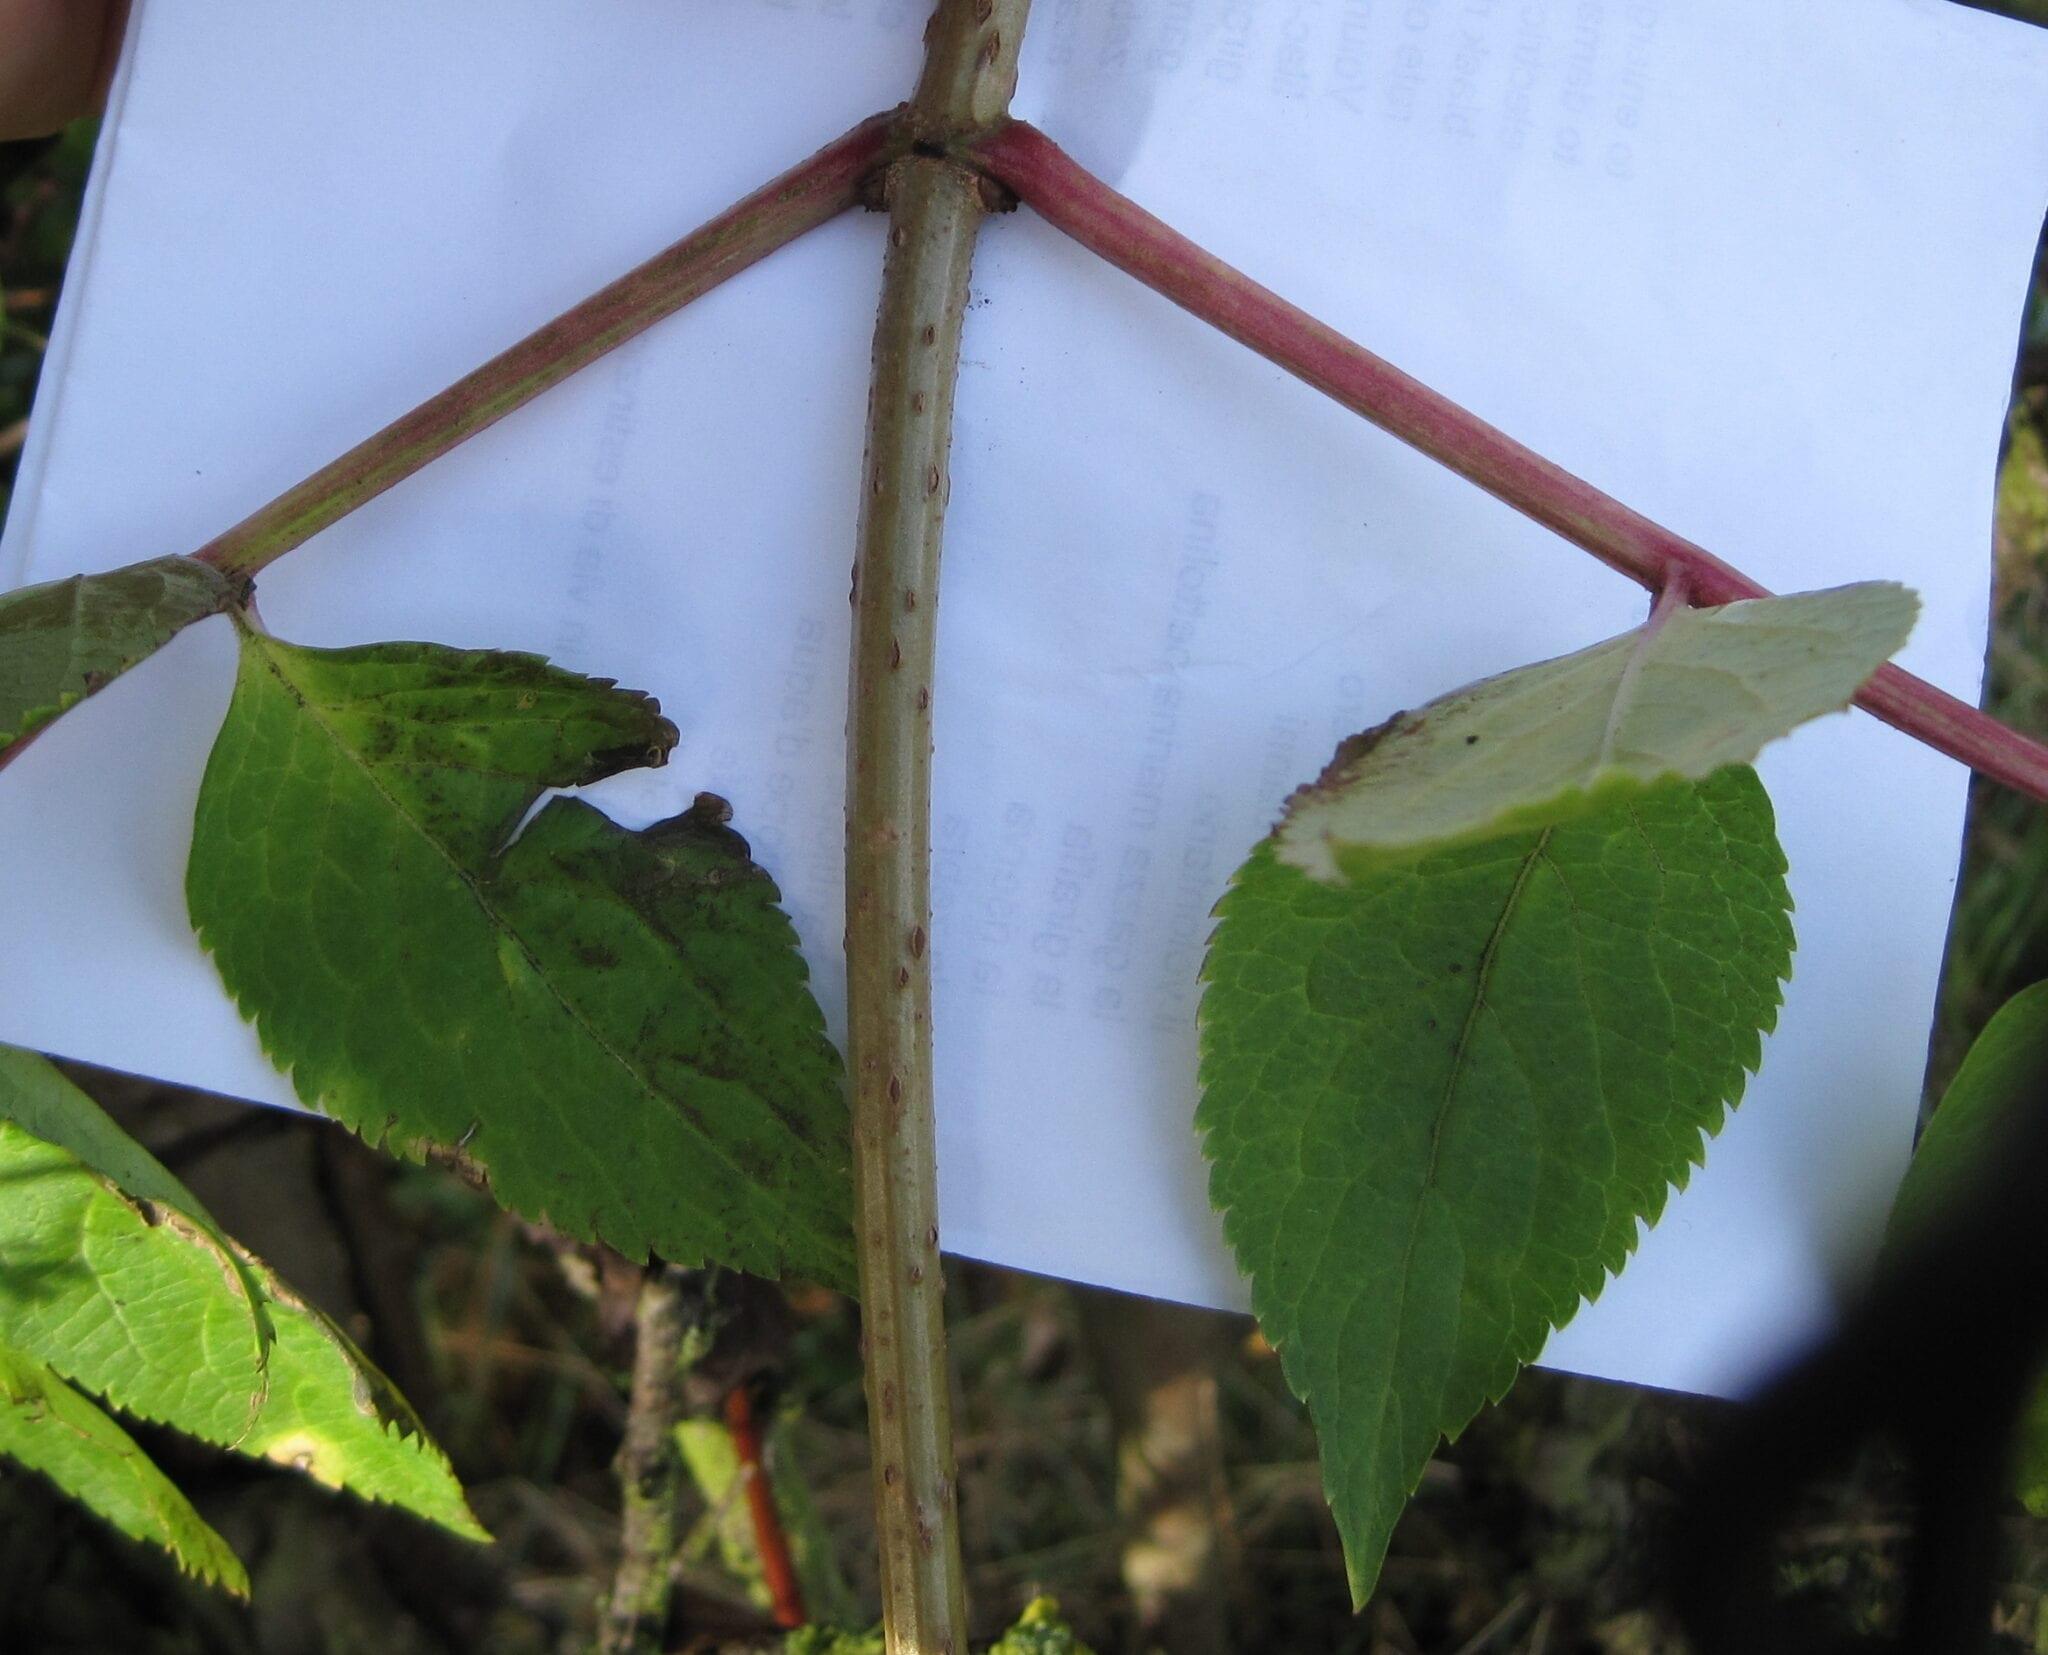 Elder tree opposite leaves